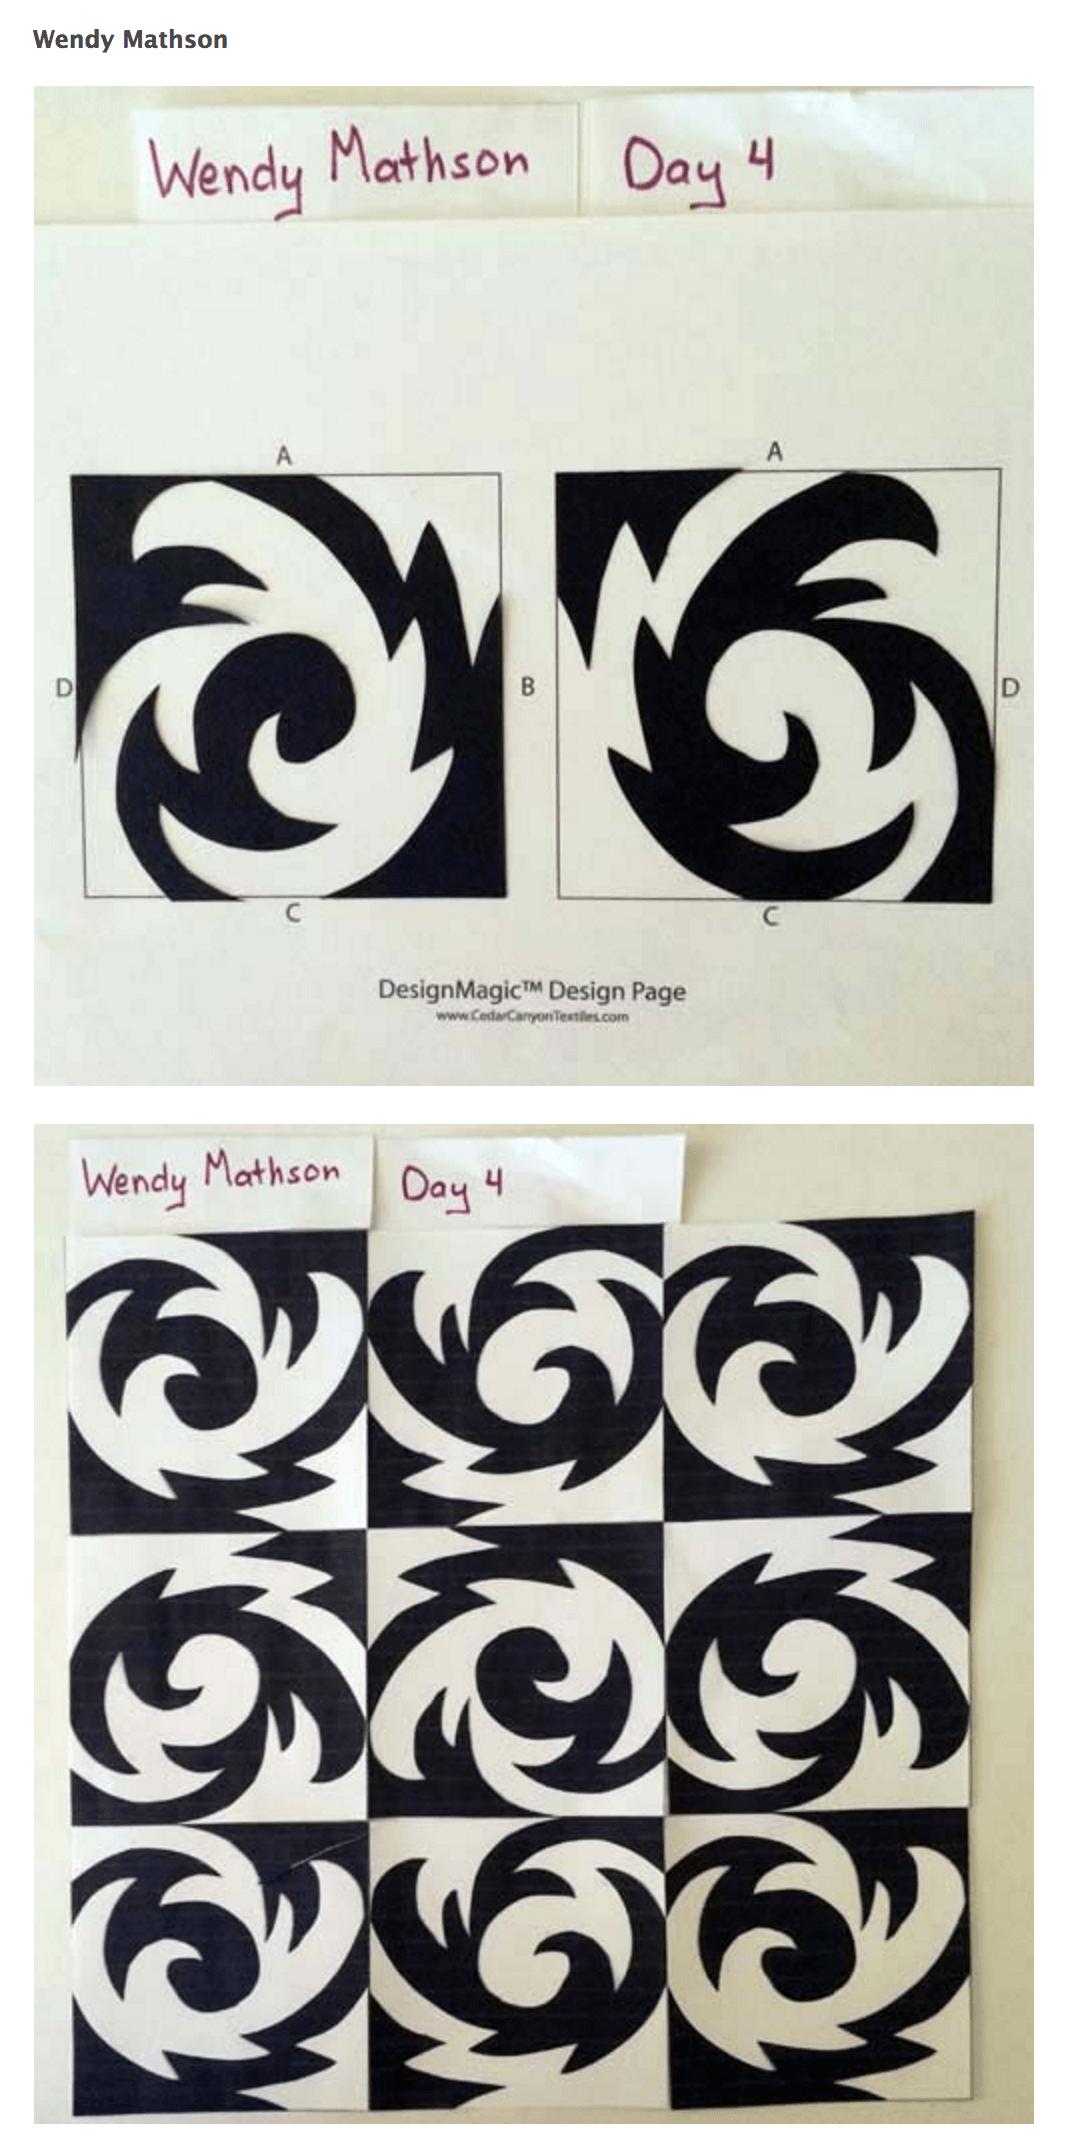 Design Magic - Cedar Canyon Textiles